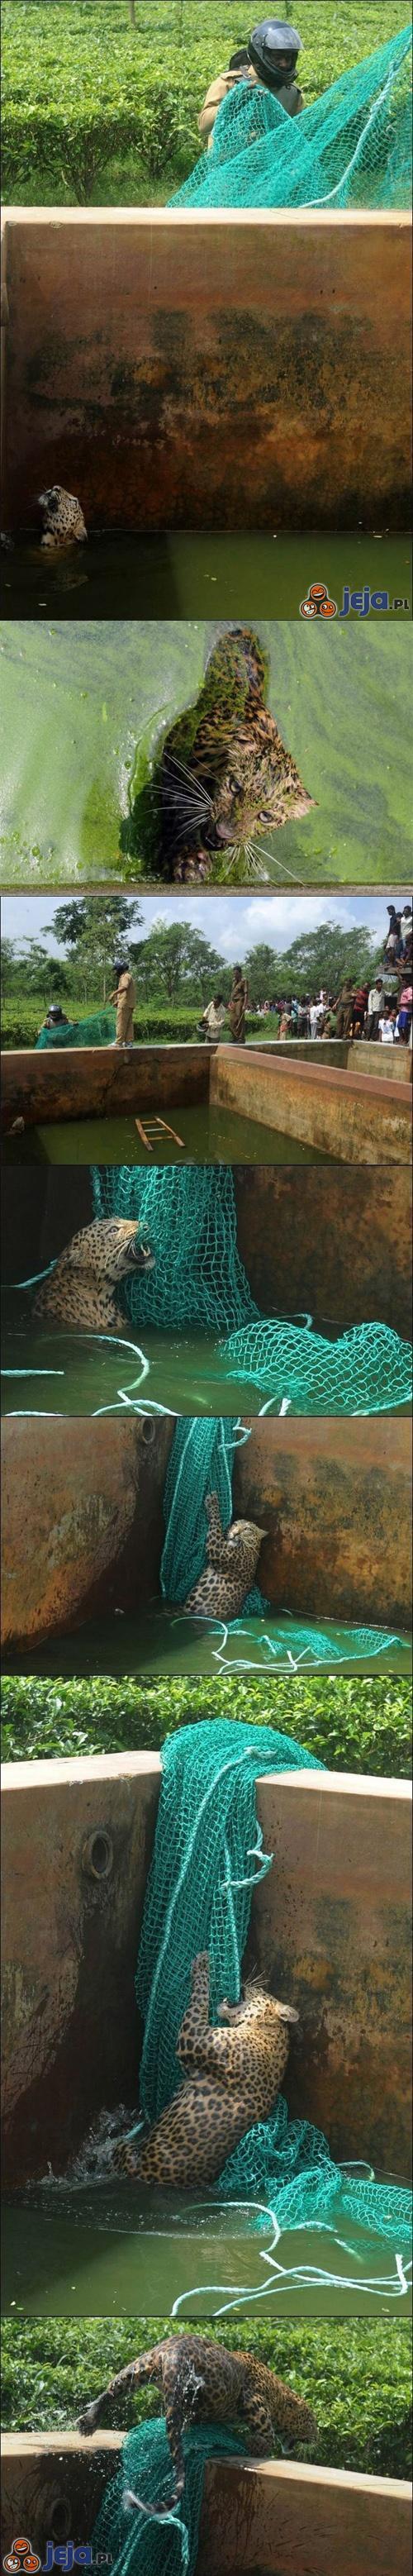 Ratowanie leoparda